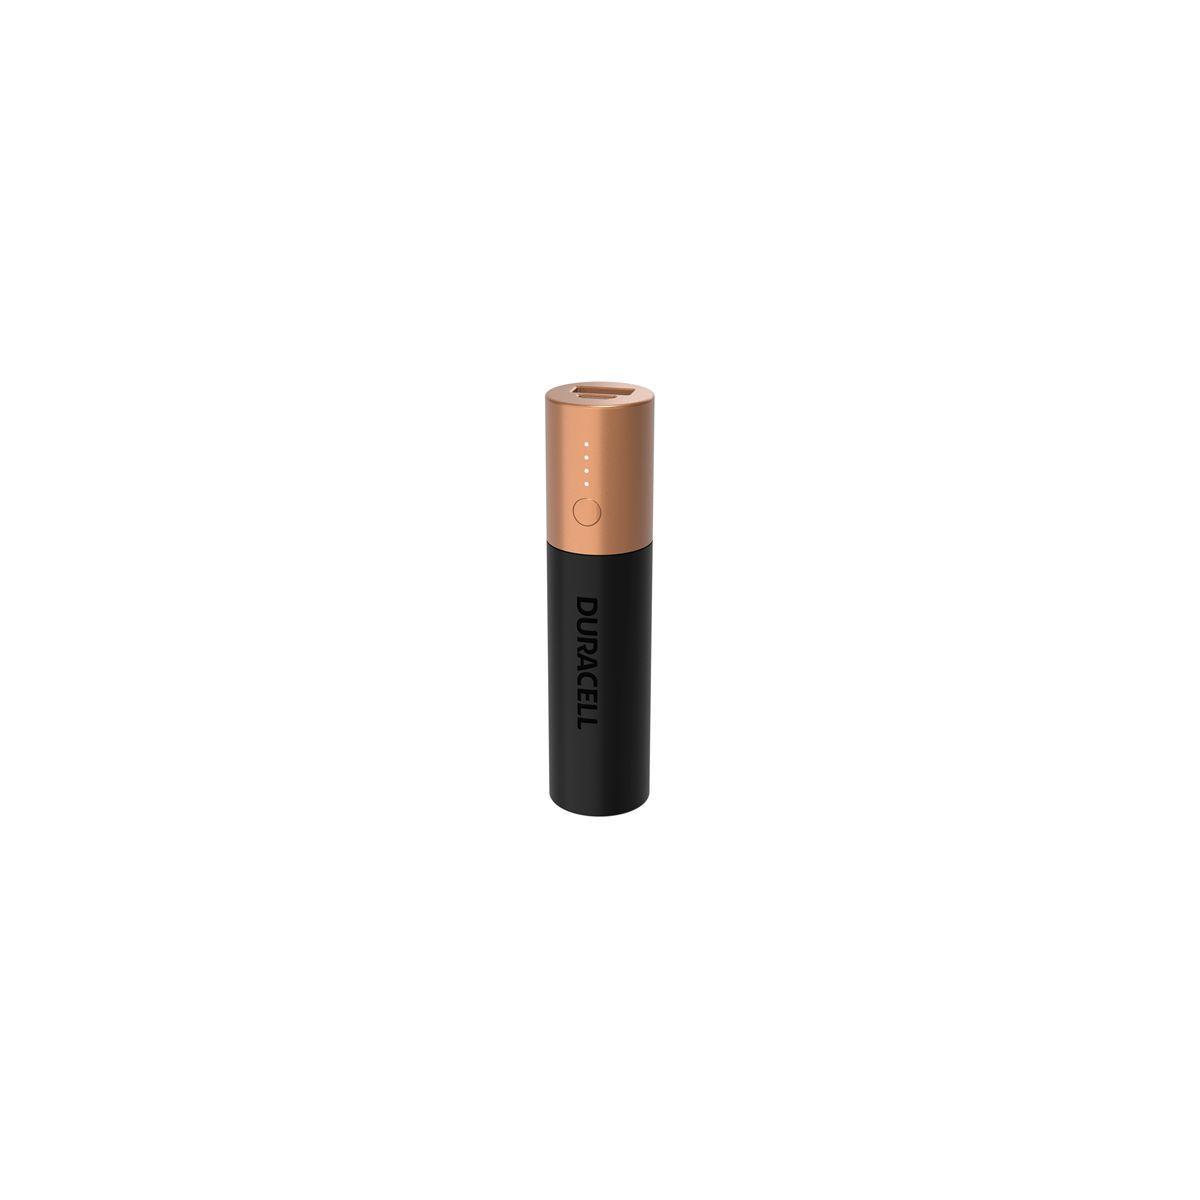 Batterie externe duracell 3350 mah universelle (photo)